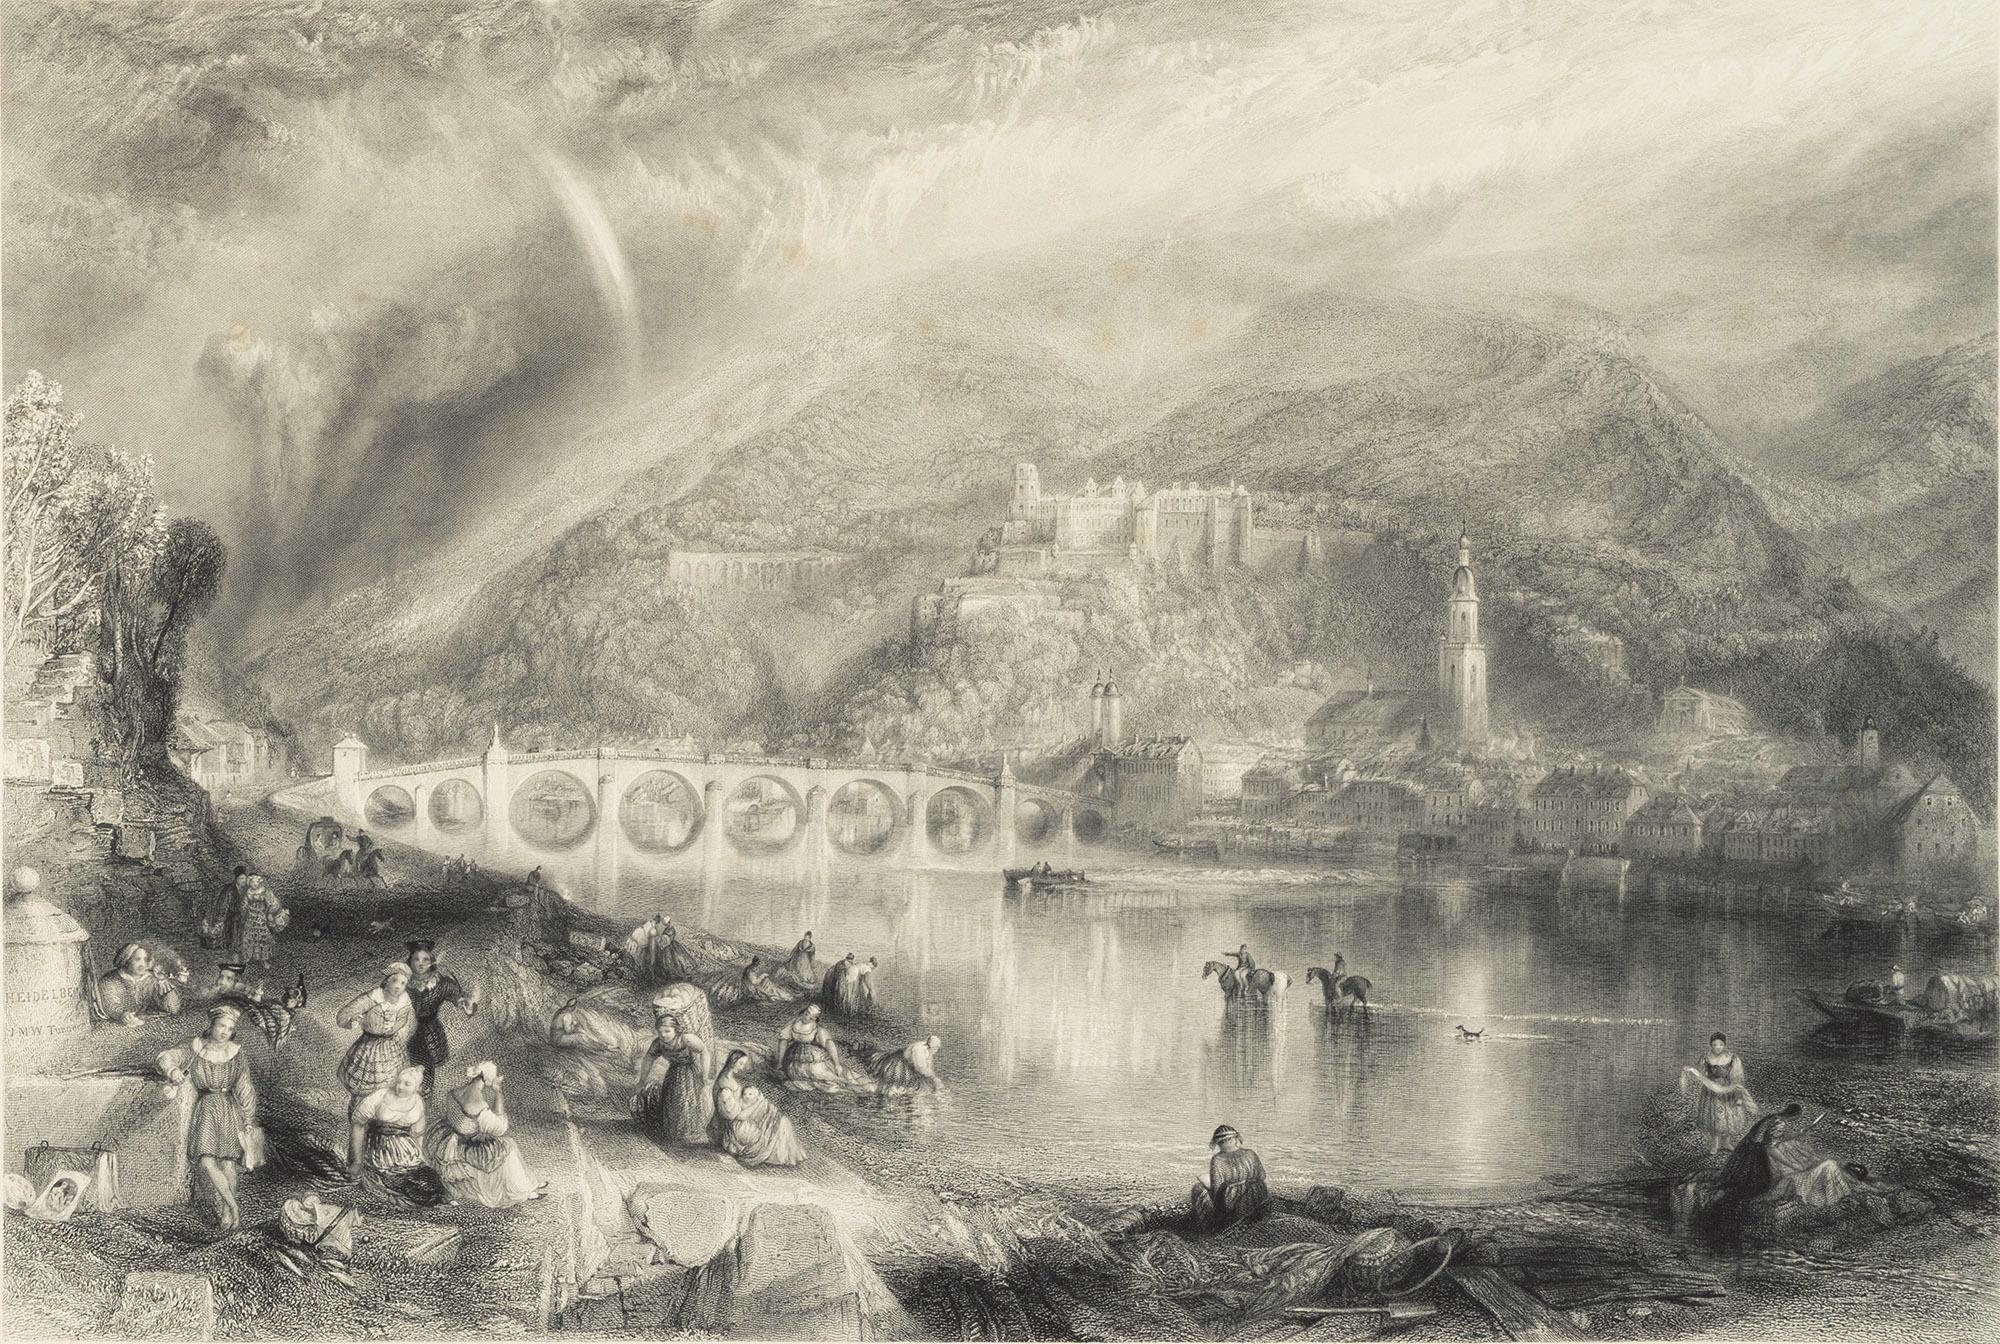 《ネッカー川対岸から見たハイデルベルク》 1846年 エッチング、ライン・エングレーヴィング 36.6×54.1cm 郡山市立美術館